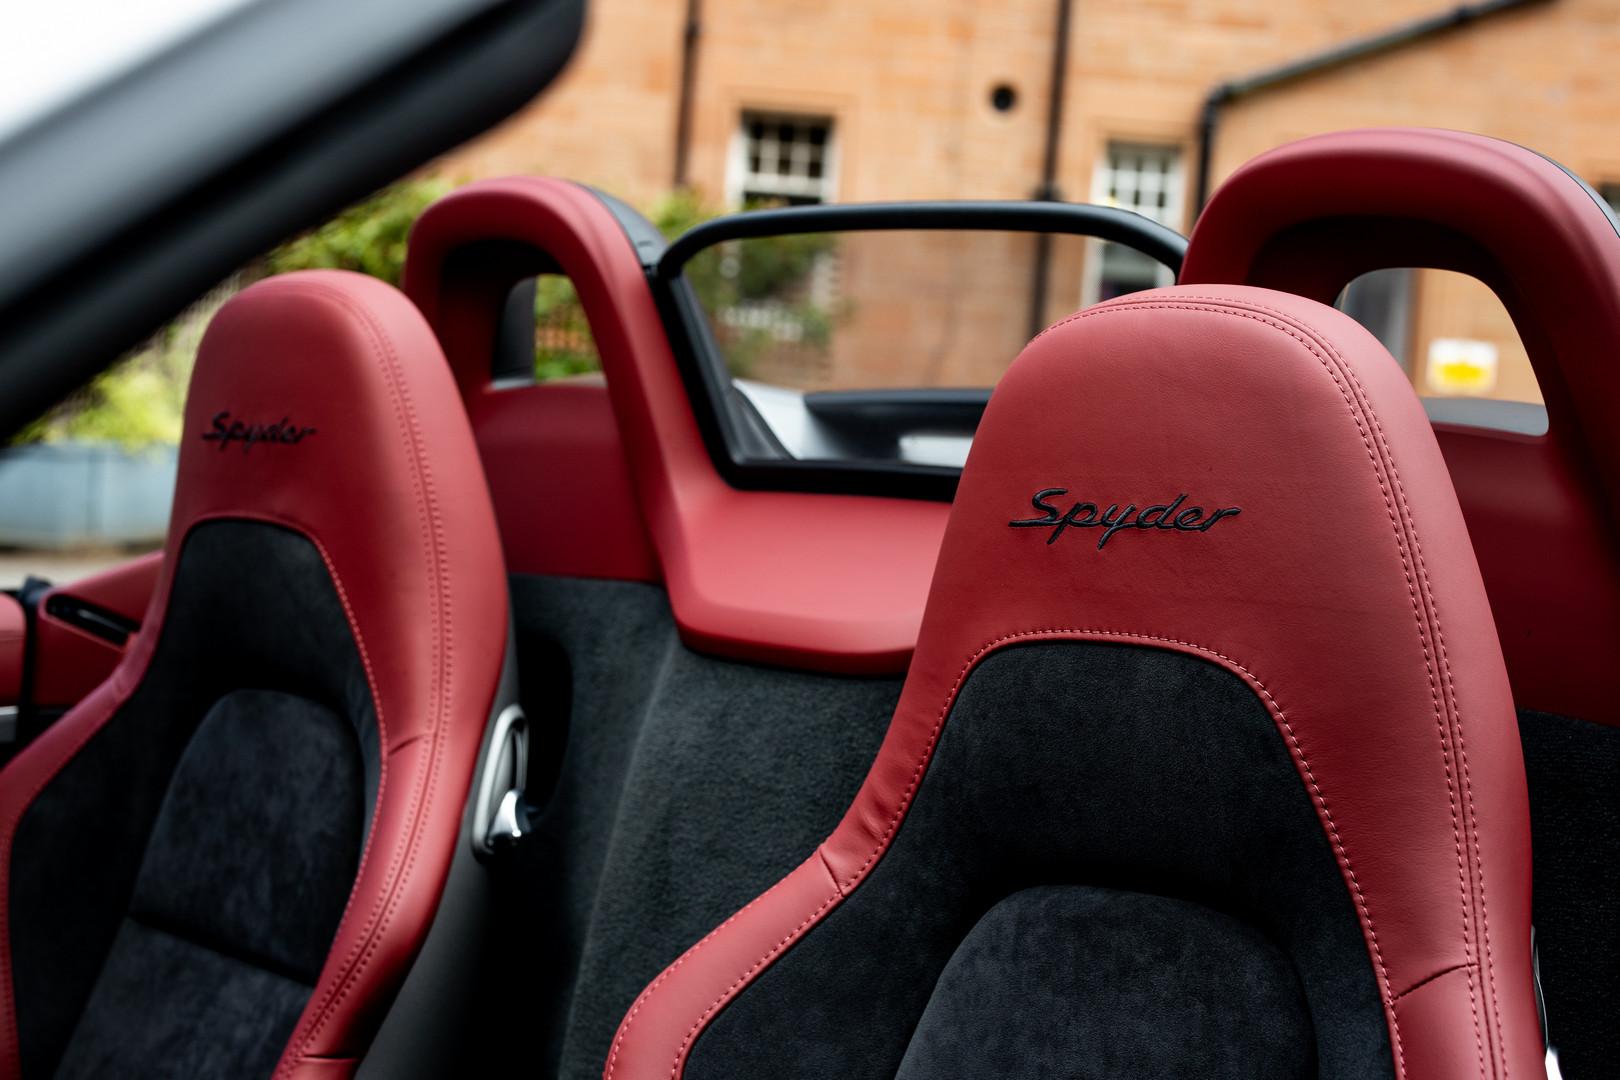 Porsche 718 Spyder Seats